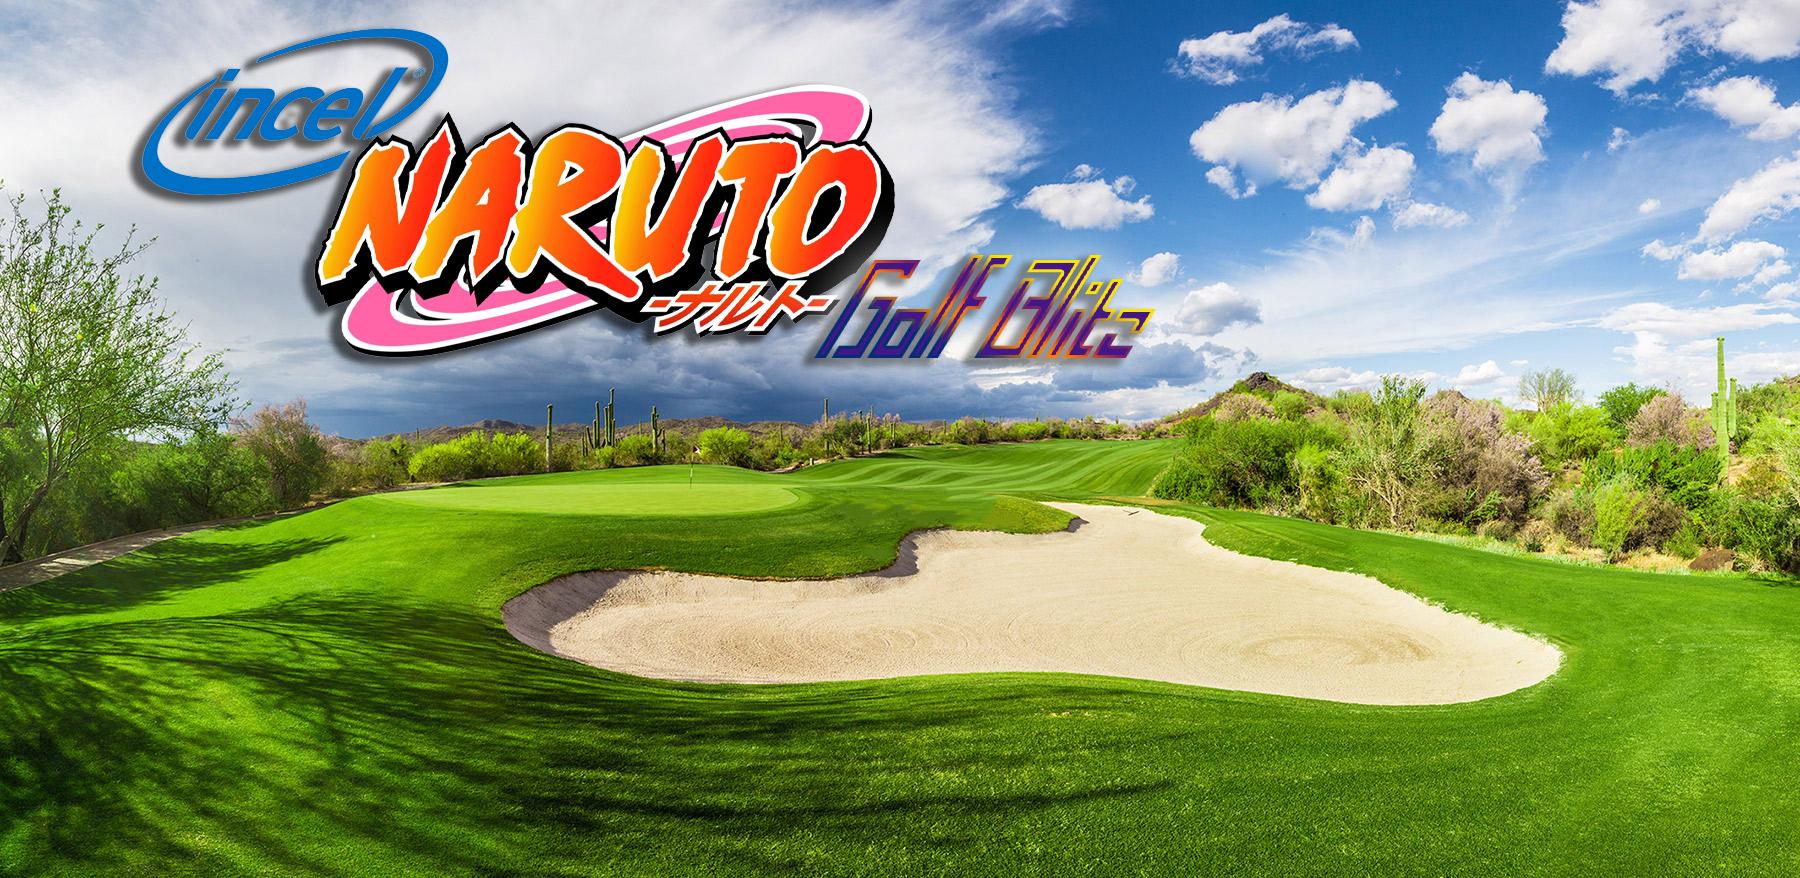 Incel Naruto's Golf Blitz